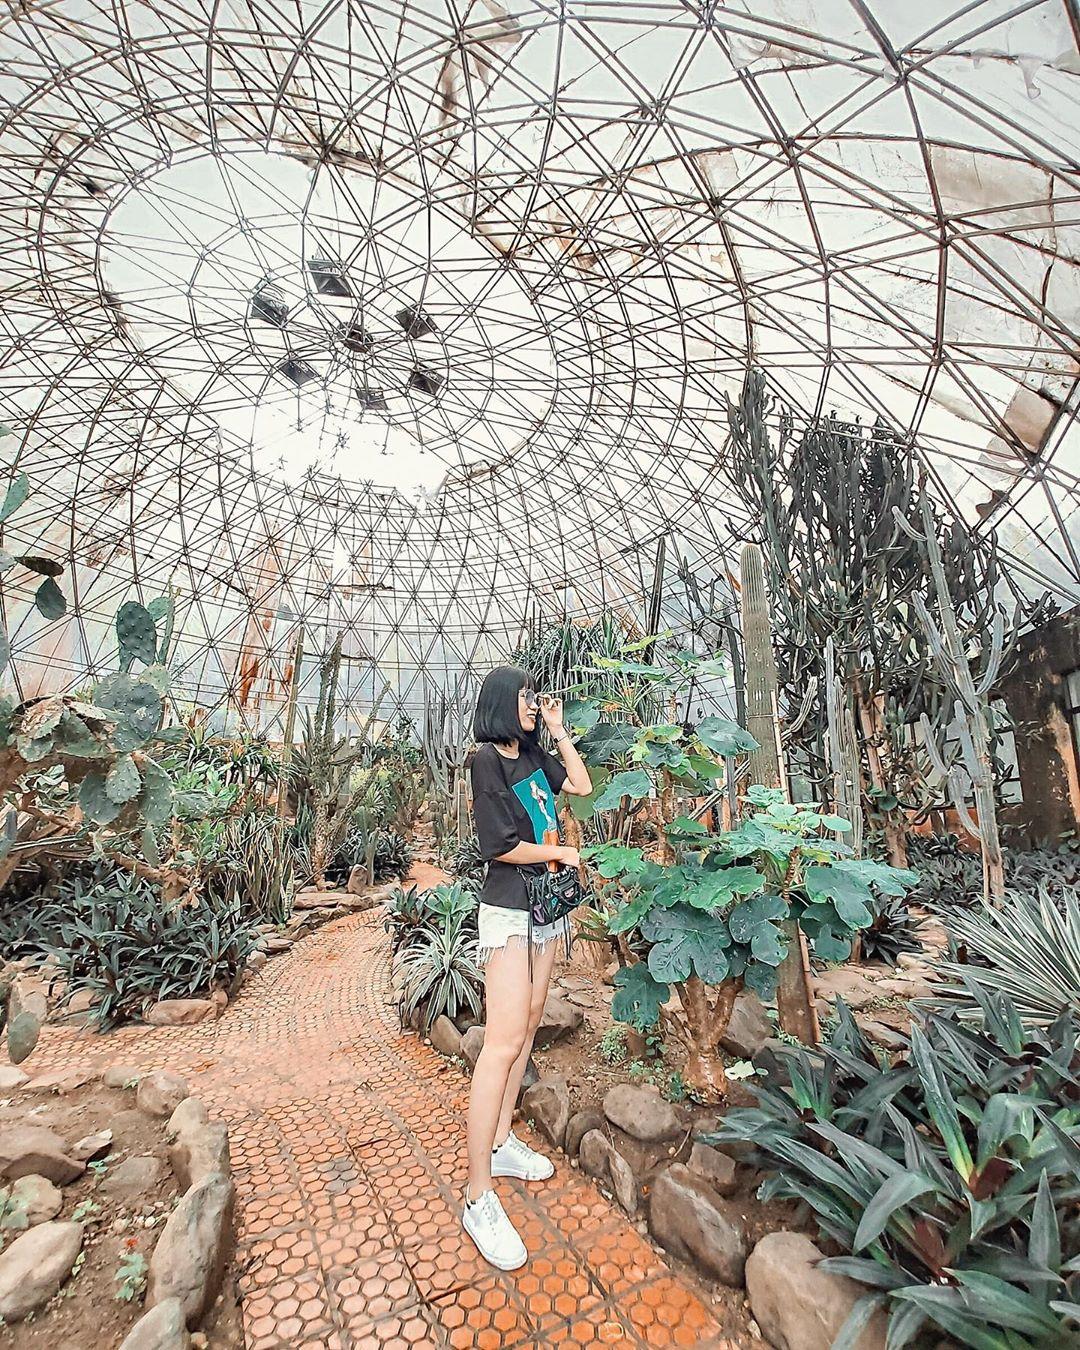 du lịch gần Hà Nội 1